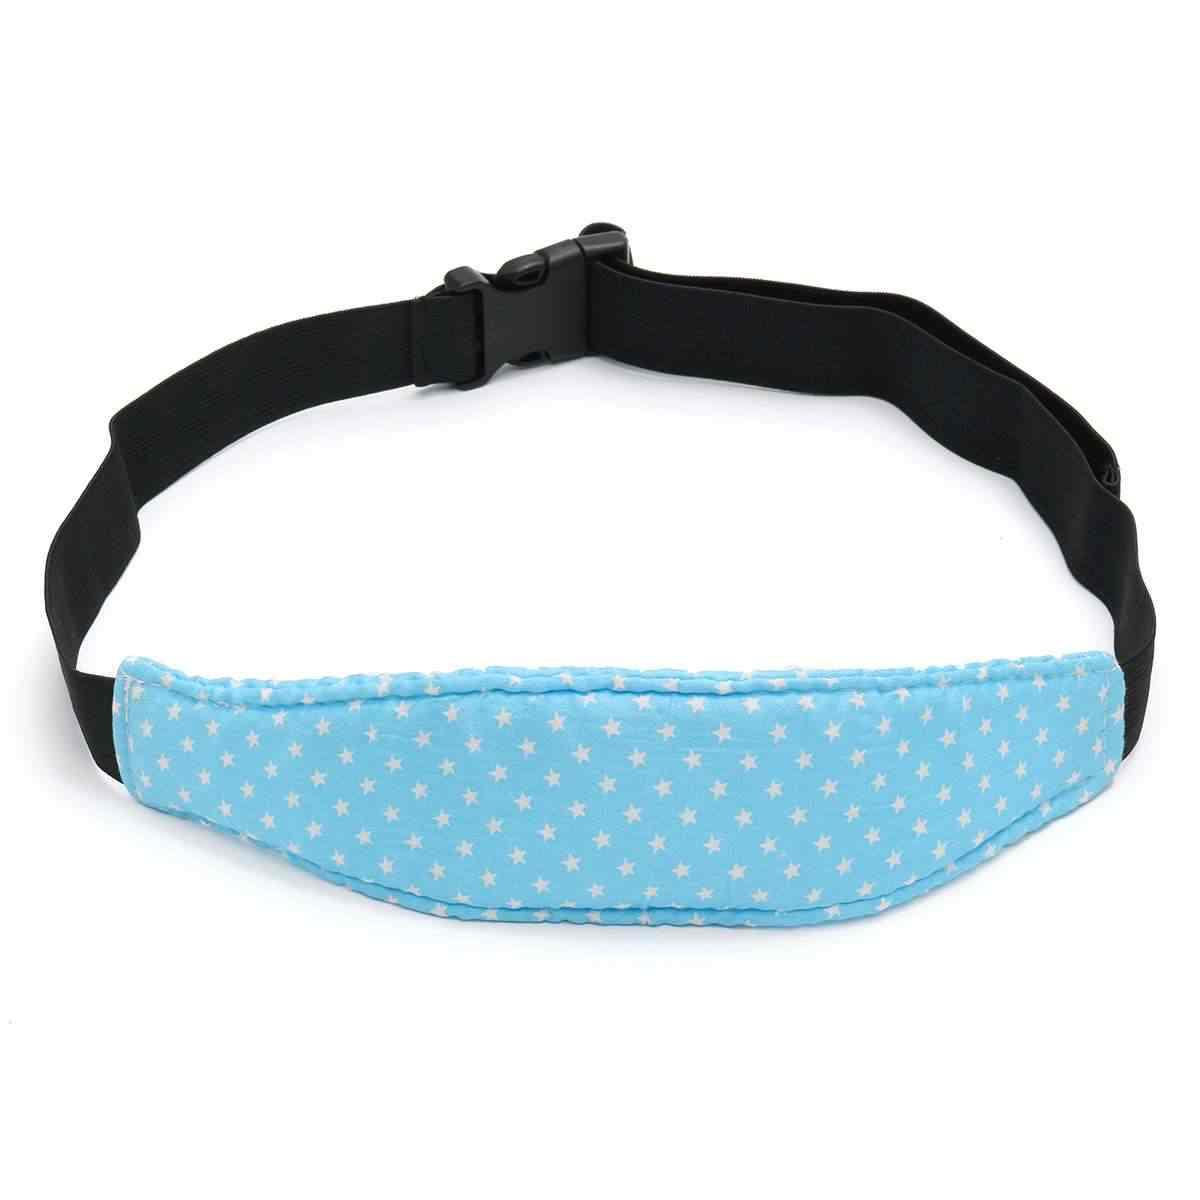 Almohada para dormir de bebé con estilo para coche, correa de soporte para asiento de coche para niños pequeños, accesorios para asiento de coche para niños